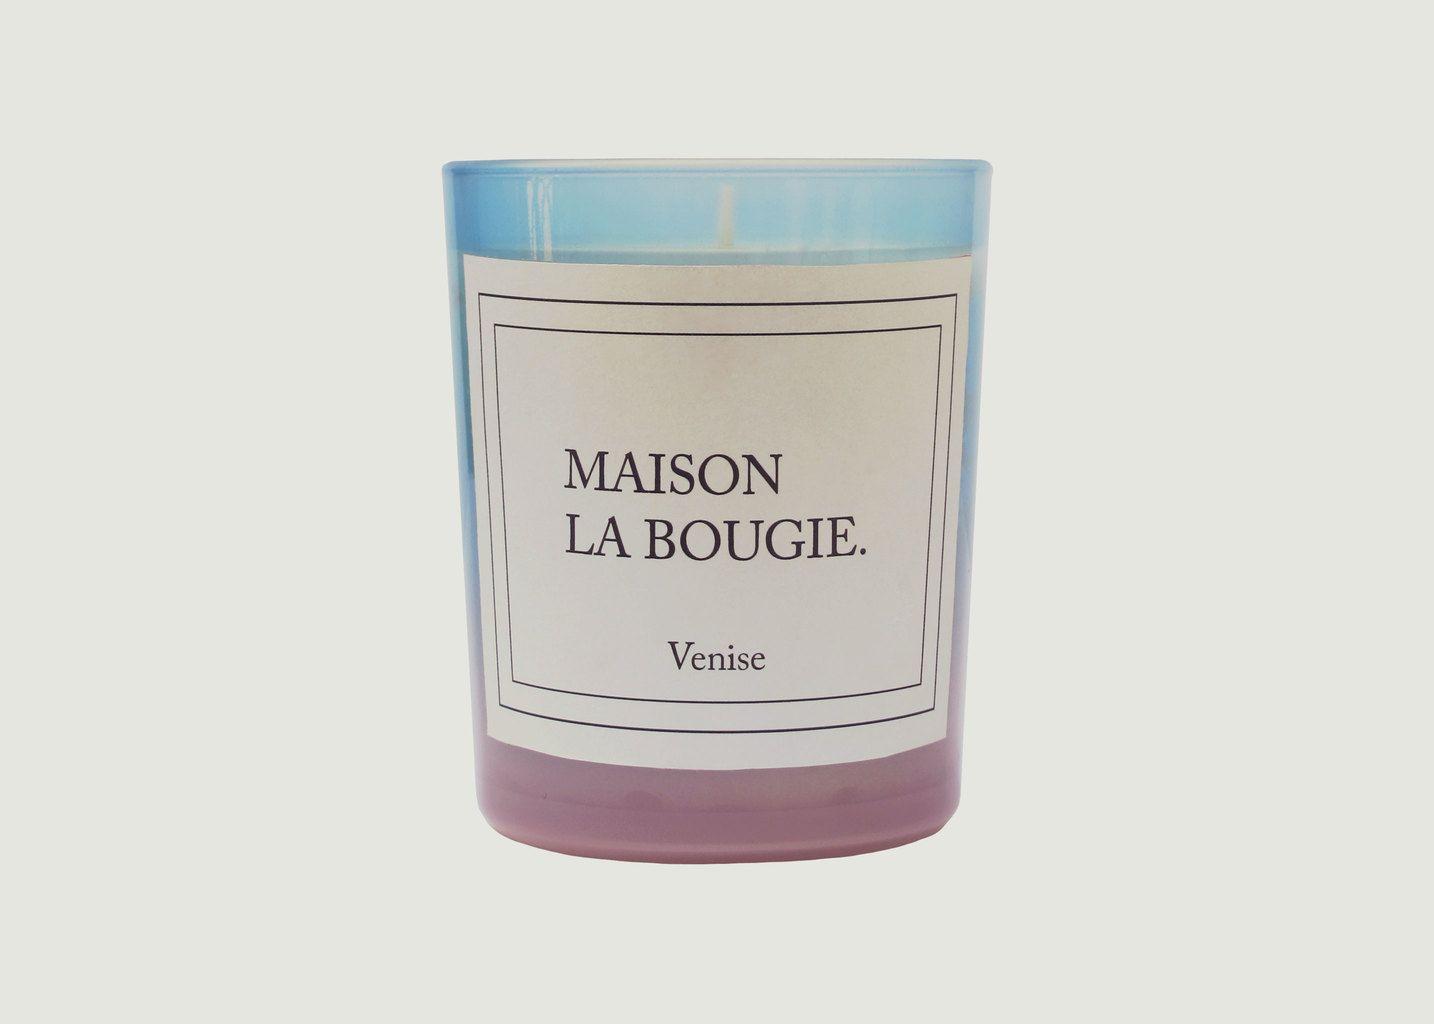 Bougie Venise - Maison La Bougie